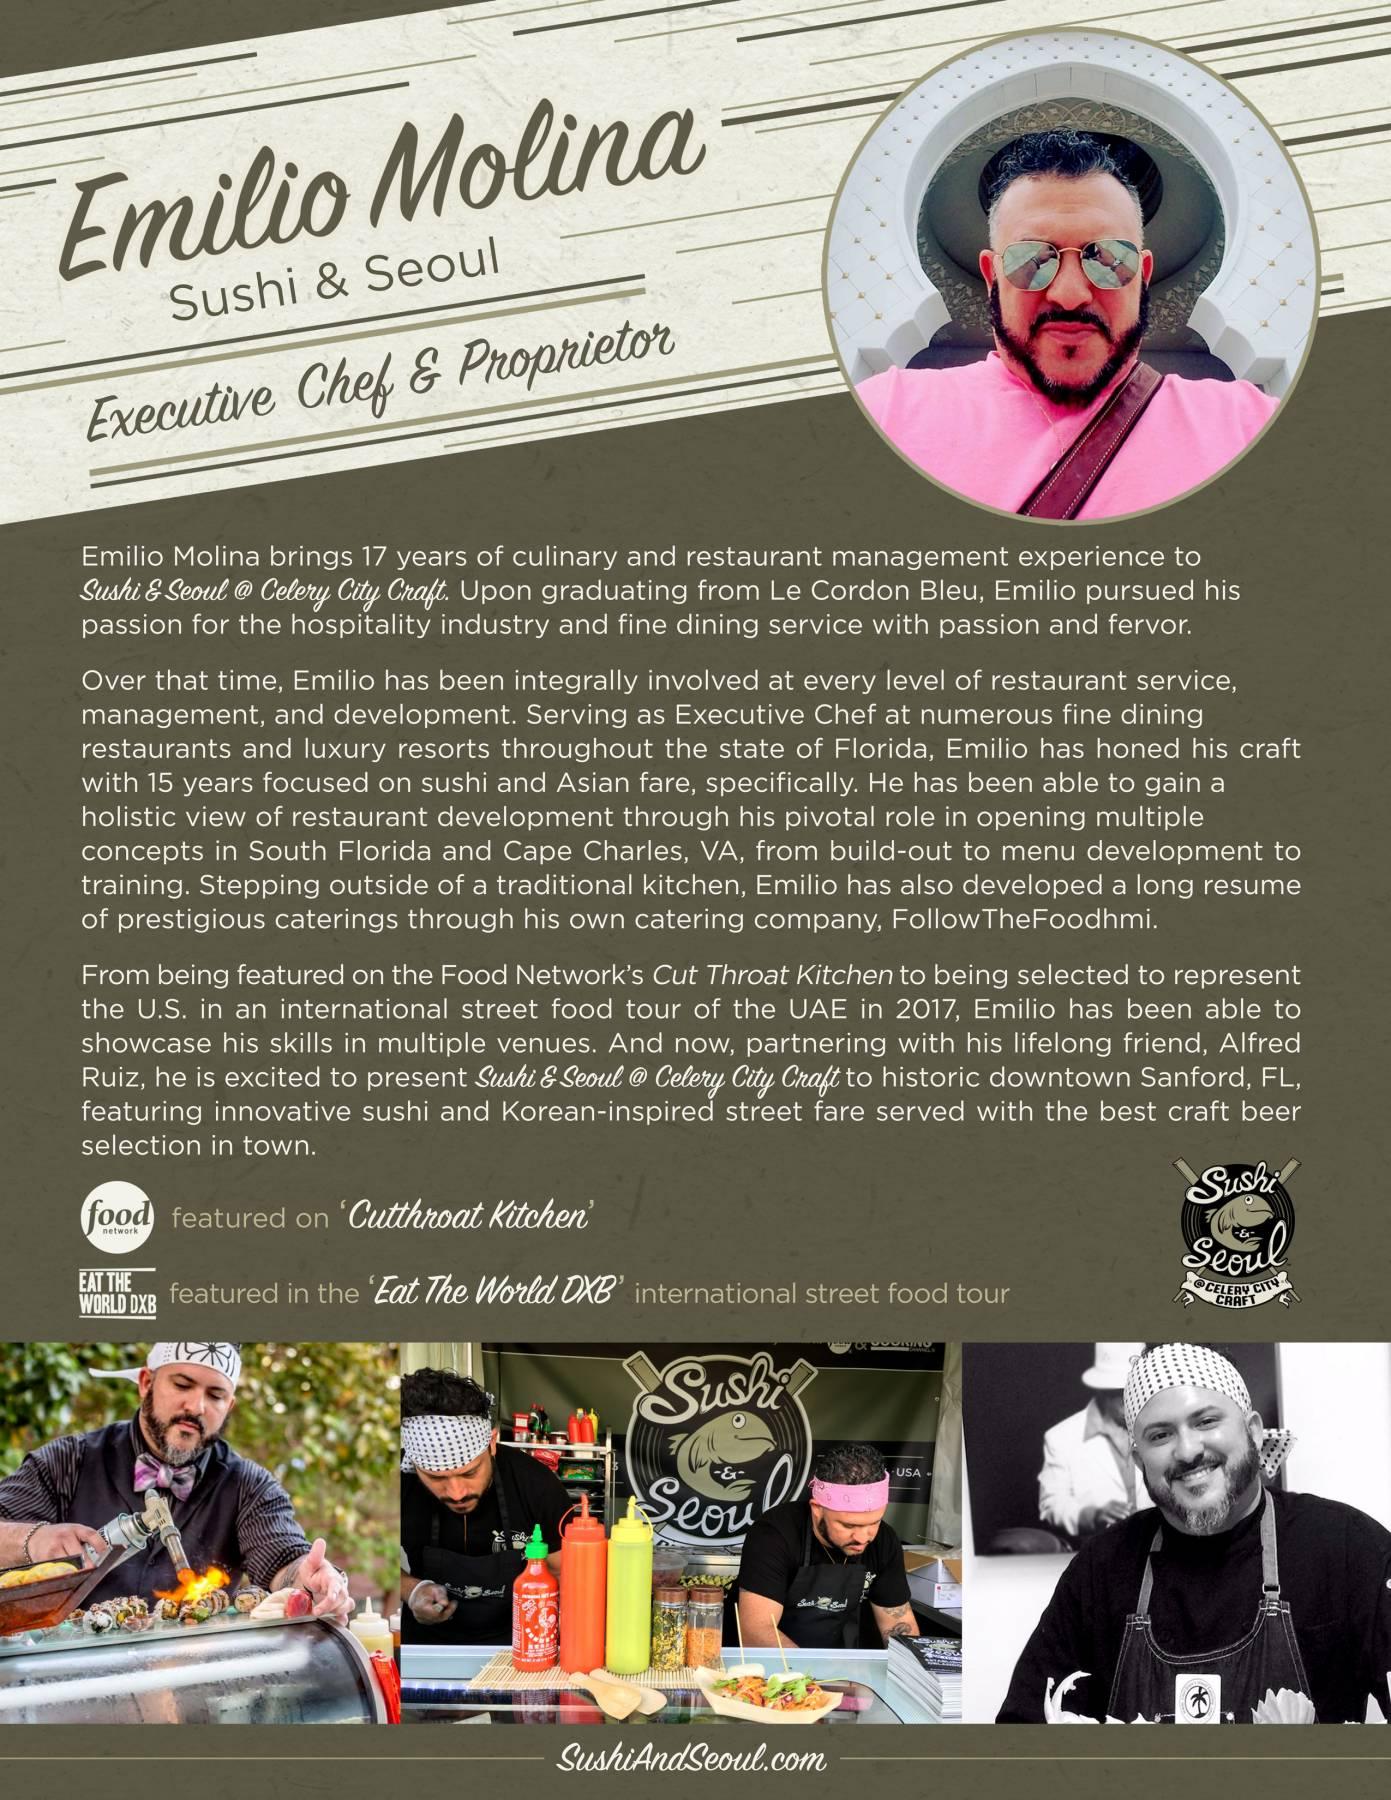 Chef Emilio Molina - Sushi & Seoul at Celery City Craft